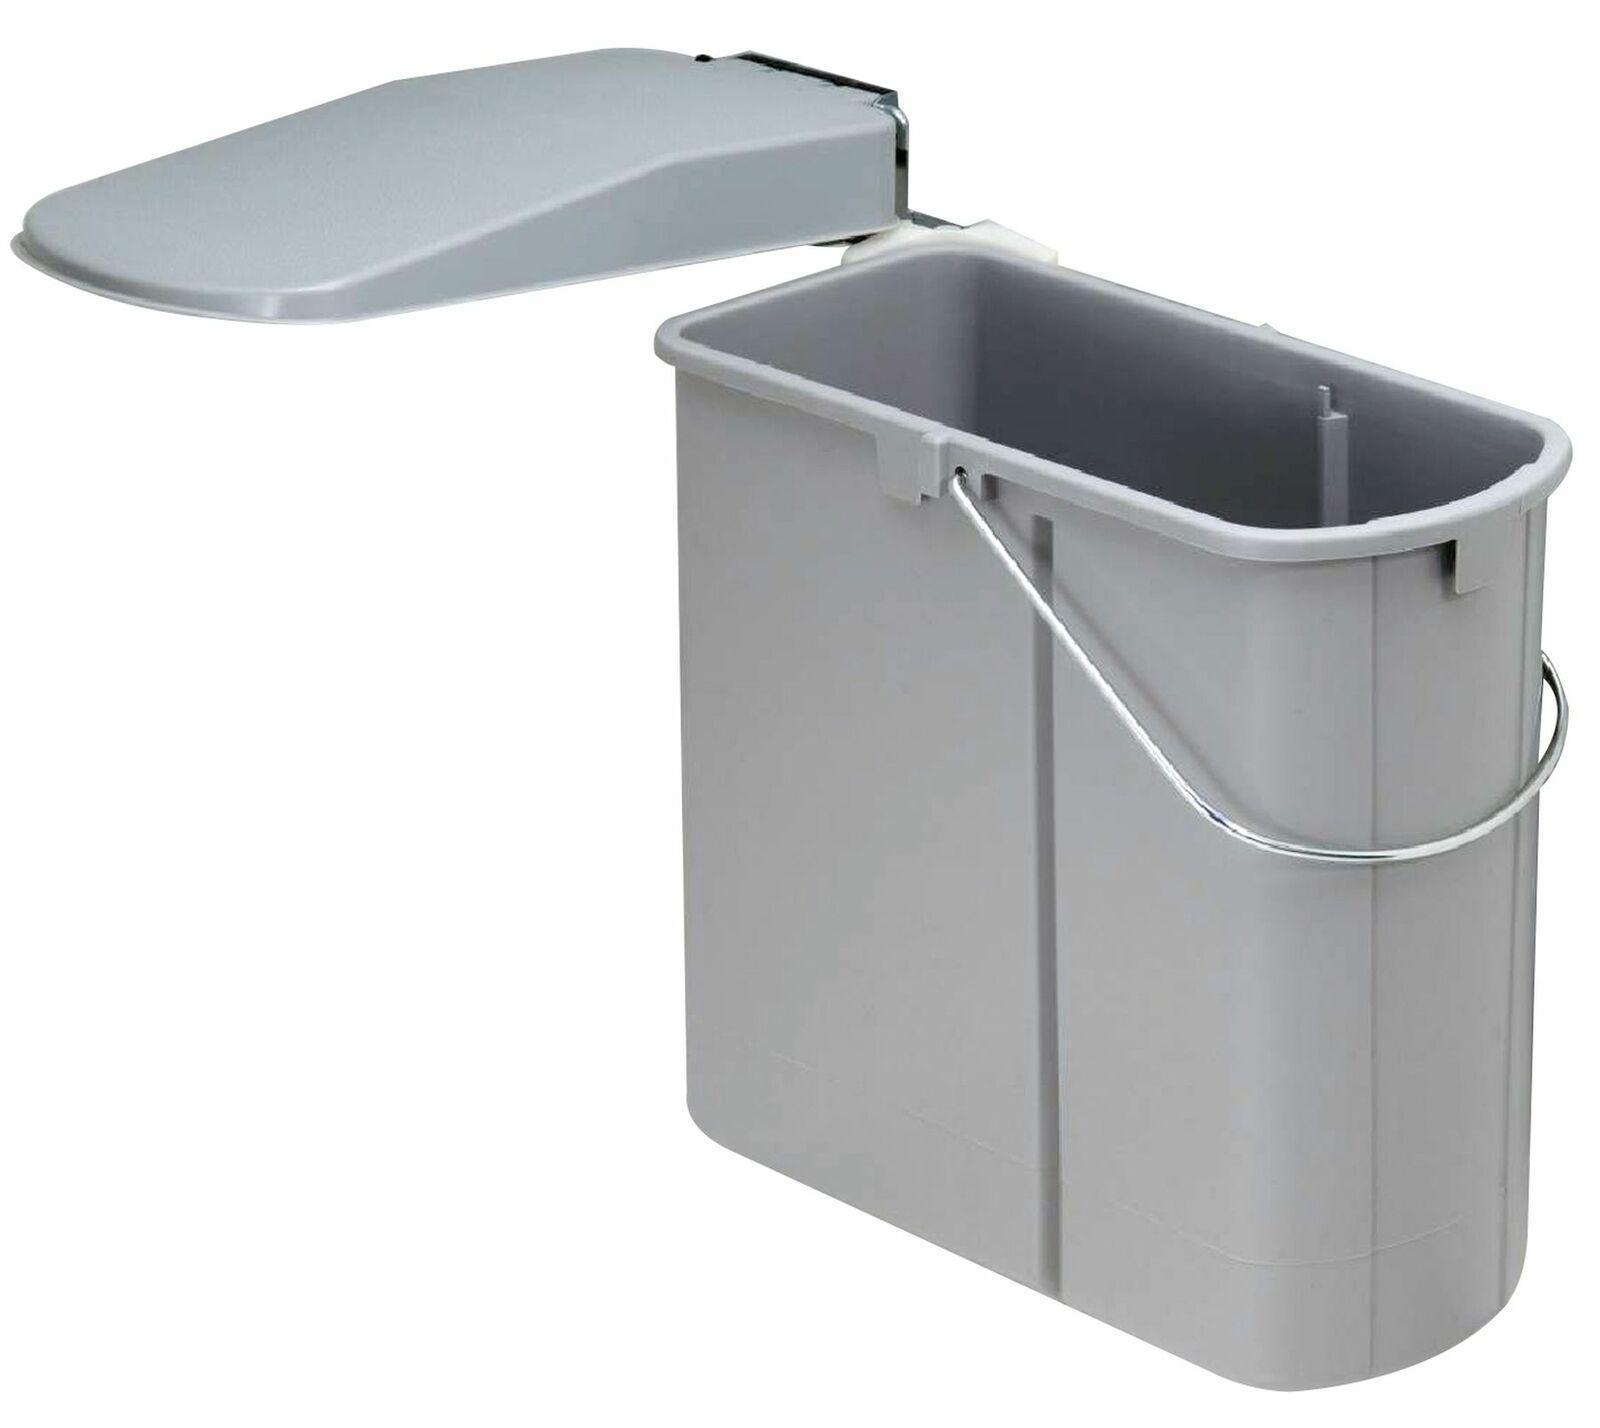 Wesco Öko 1 Schrank Abfall-/Mülleimer Küche 19 Liter ...